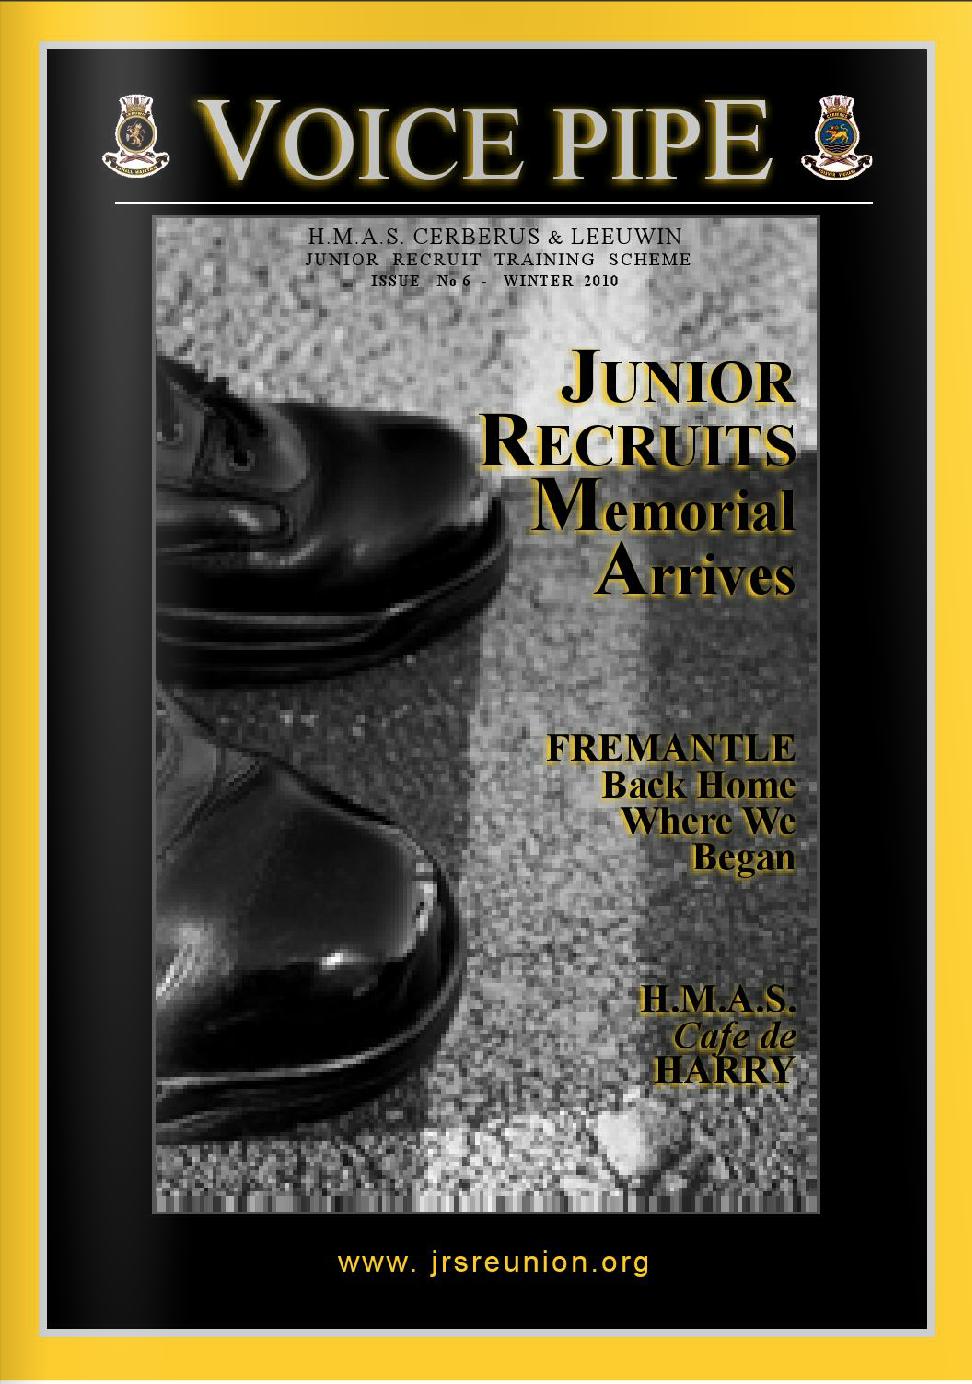 Junior Recruit Reunion Voice Pipe Issue 6